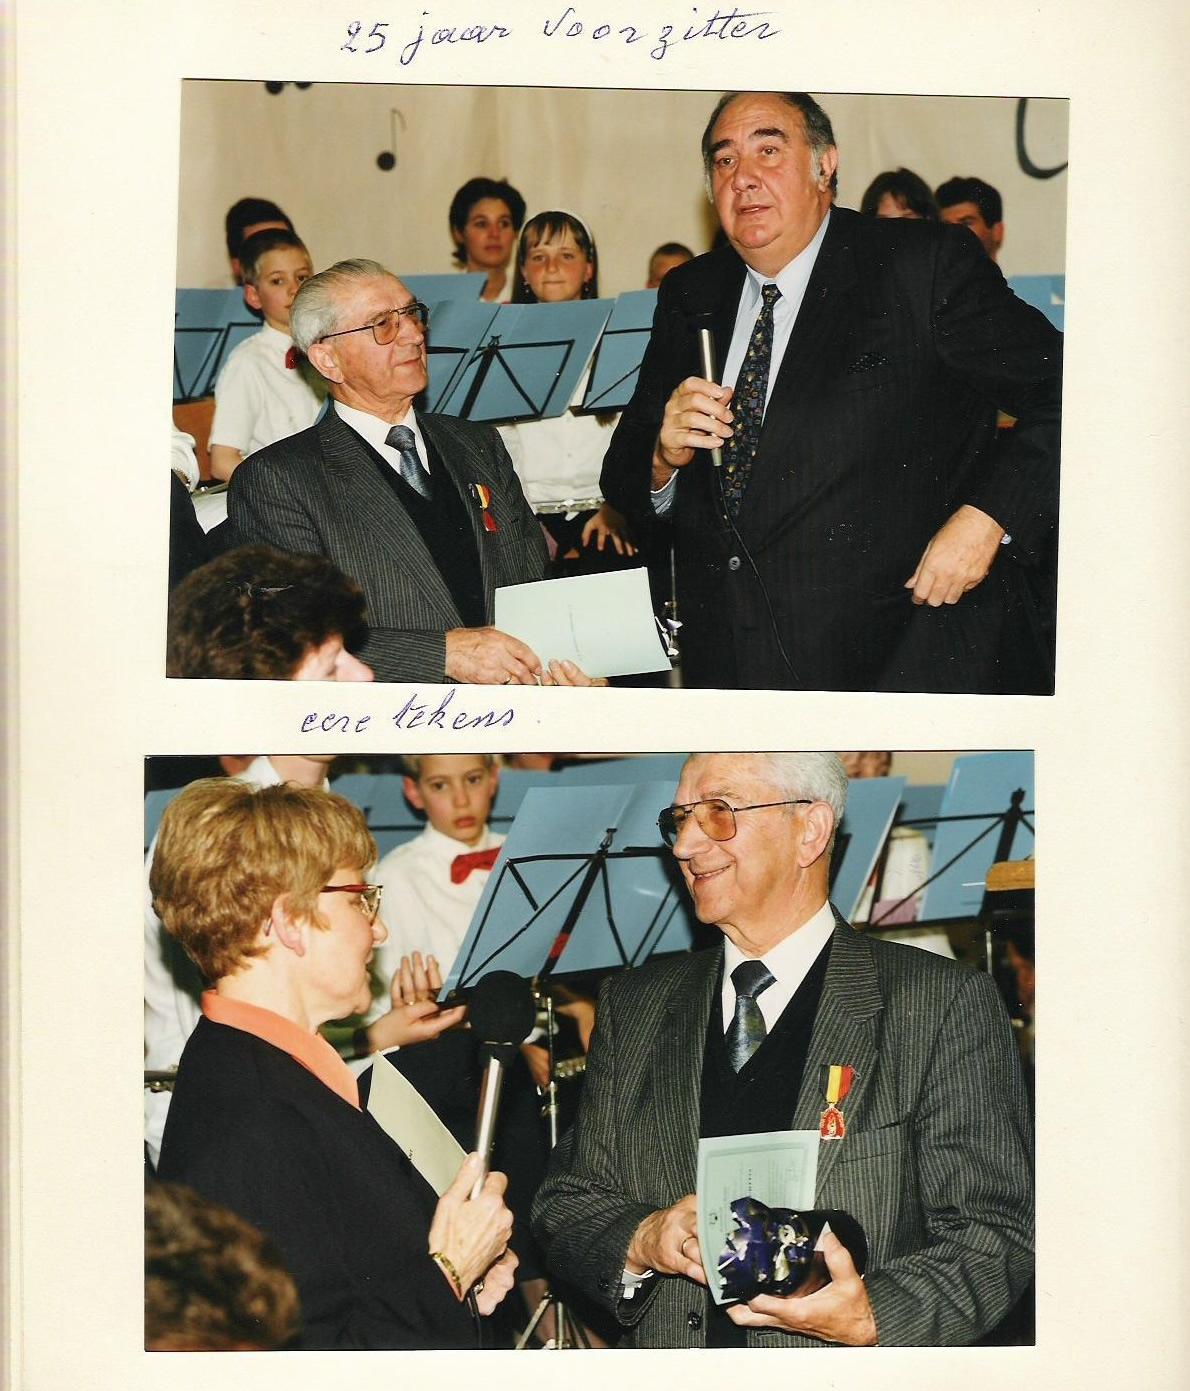 August Vandermosten 25 jaar voorzitter